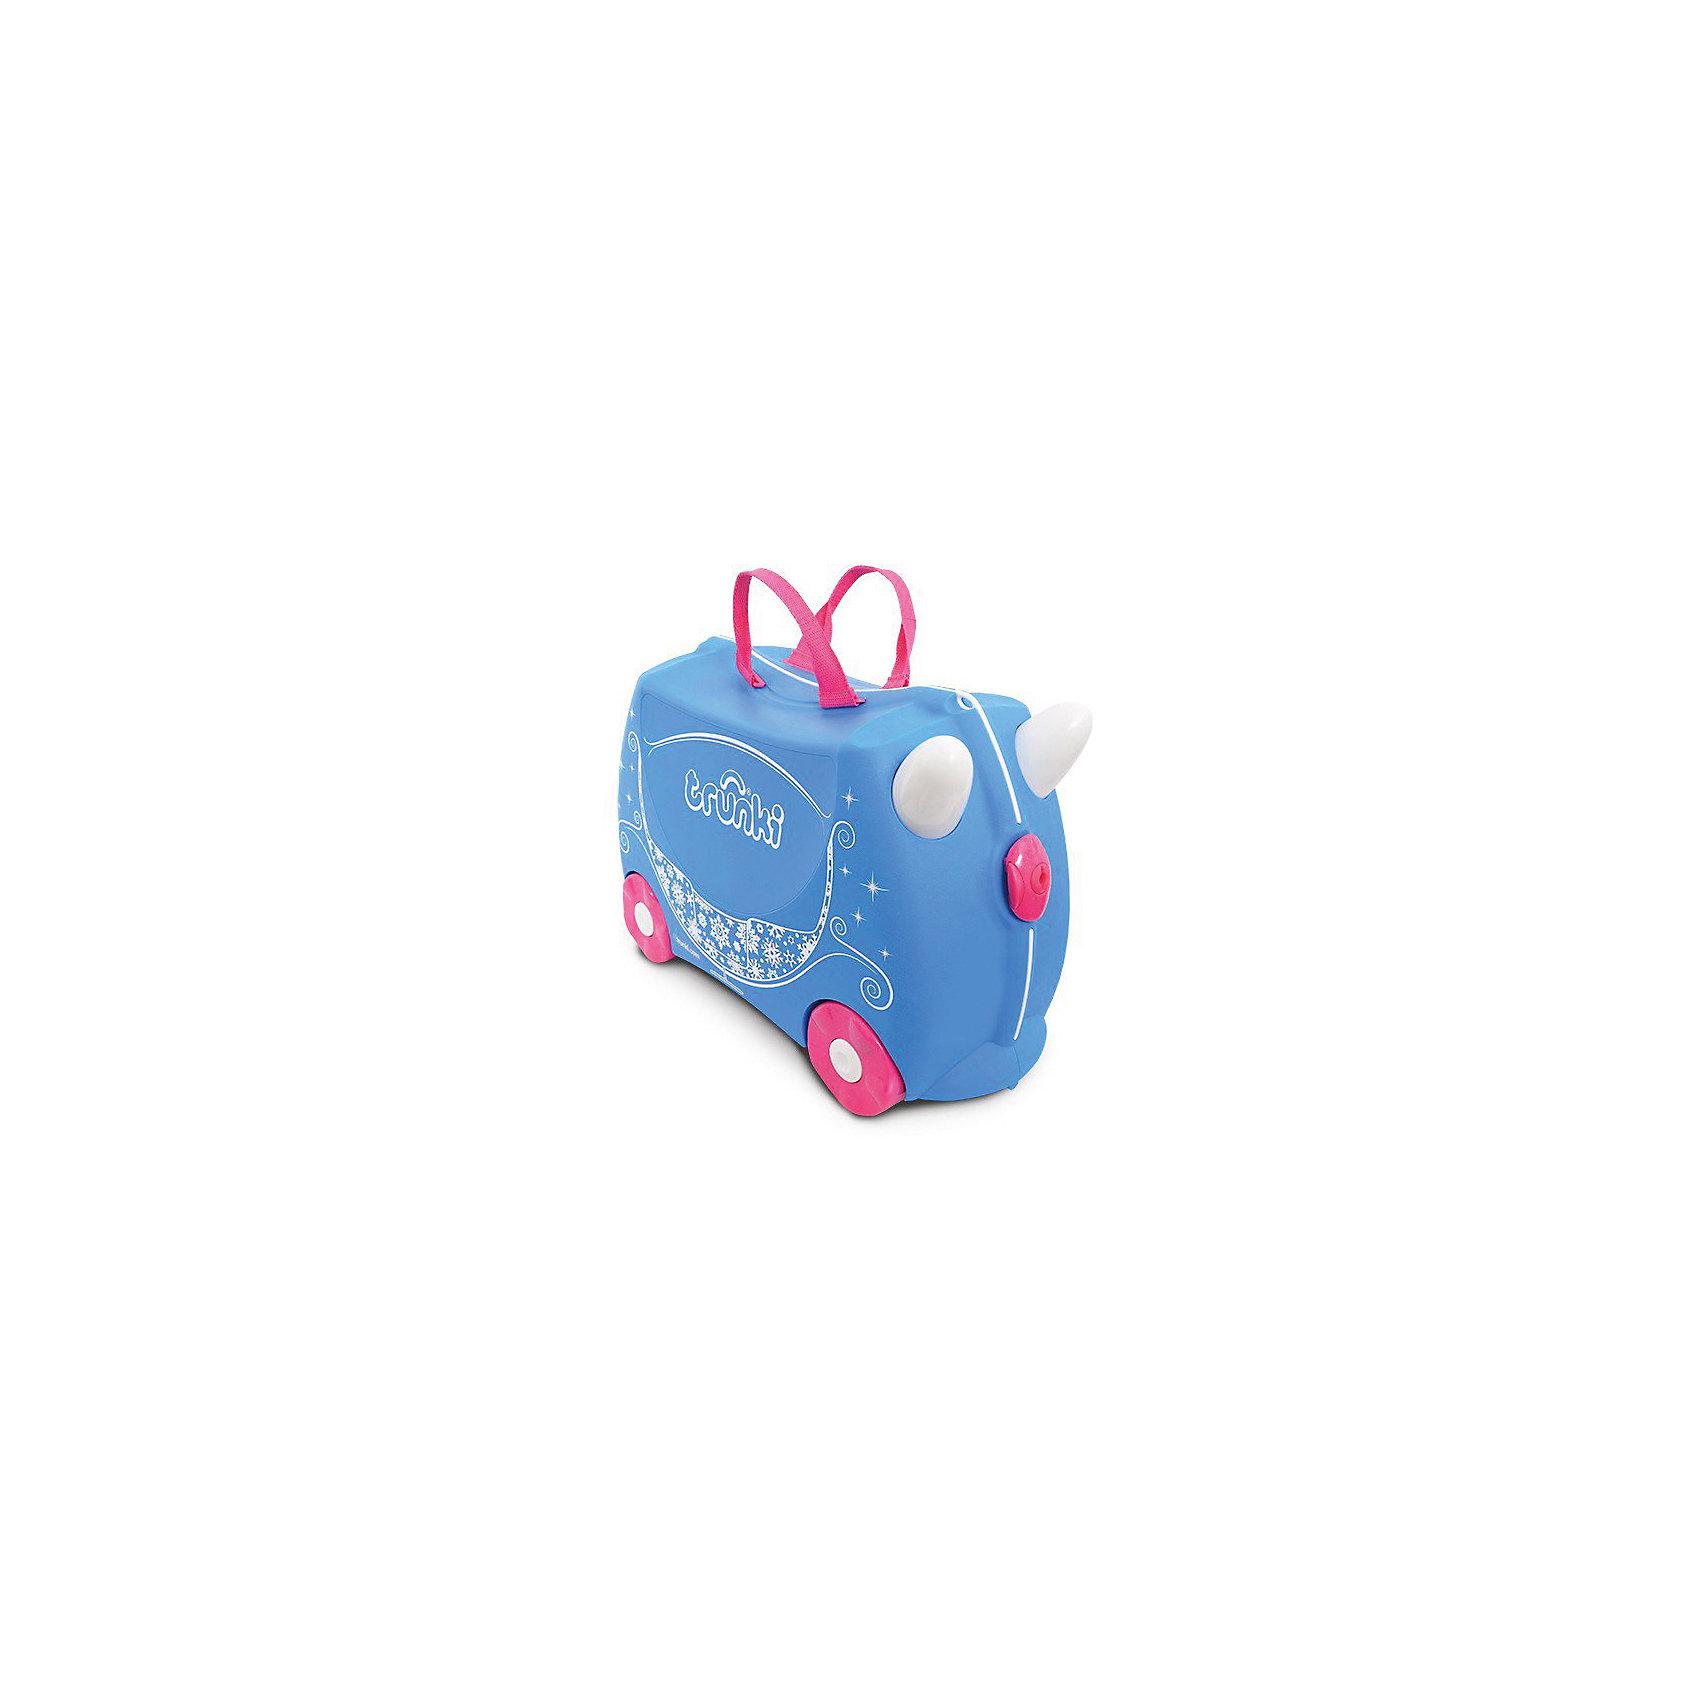 Чемодан на колесиках Жемчужная Карета принцессы, TRUNKIДорожные сумки и чемоданы<br>Характеристики чемодан на колесиках Жемчужная Карета принцессы:<br><br>• возраст: от 3 лет<br>• пол: для девочек<br>• цвет: голубой<br>• допустимый вес эксплуатации : 50 кг.<br>• состав: пластик, текстиль.<br>• объем: 18 л.<br>• размер чемодана: 46х21х31 см.<br>• вес: 1.7 кг. <br>• упаковка: картонная коробка.<br>• бренд: Trunki<br>• страна обладатель бренда: Великобритания.<br><br>Чемодан сделан из прочного пластика, его вместимость составляет 2 кг. Во внутреннем отделении есть ремни, которые закрепляют вещи, совсем как в настоящем взрослом чемодане. В такой чемодан ребенок сам с большим удовольствием будет укладывать вещи и присматривать за ним во время путешествия.<br><br>К тому же большим преимуществом чемоданчика является то, что он выполняет функцию игрушки-каталки. Так, у ребенка будет возможность поиграть во время длительных процедур оформления документов, что поможет малышу быть энергичным и веселым.<br><br>Чемодан на колесиках Жемчужная карета принцессы торговой марки Транки (Trunki) можно купить в нашем интернет-магазине.<br><br>Ширина мм: 460<br>Глубина мм: 210<br>Высота мм: 310<br>Вес г: 1700<br>Возраст от месяцев: 36<br>Возраст до месяцев: 2147483647<br>Пол: Женский<br>Возраст: Детский<br>SKU: 5448801